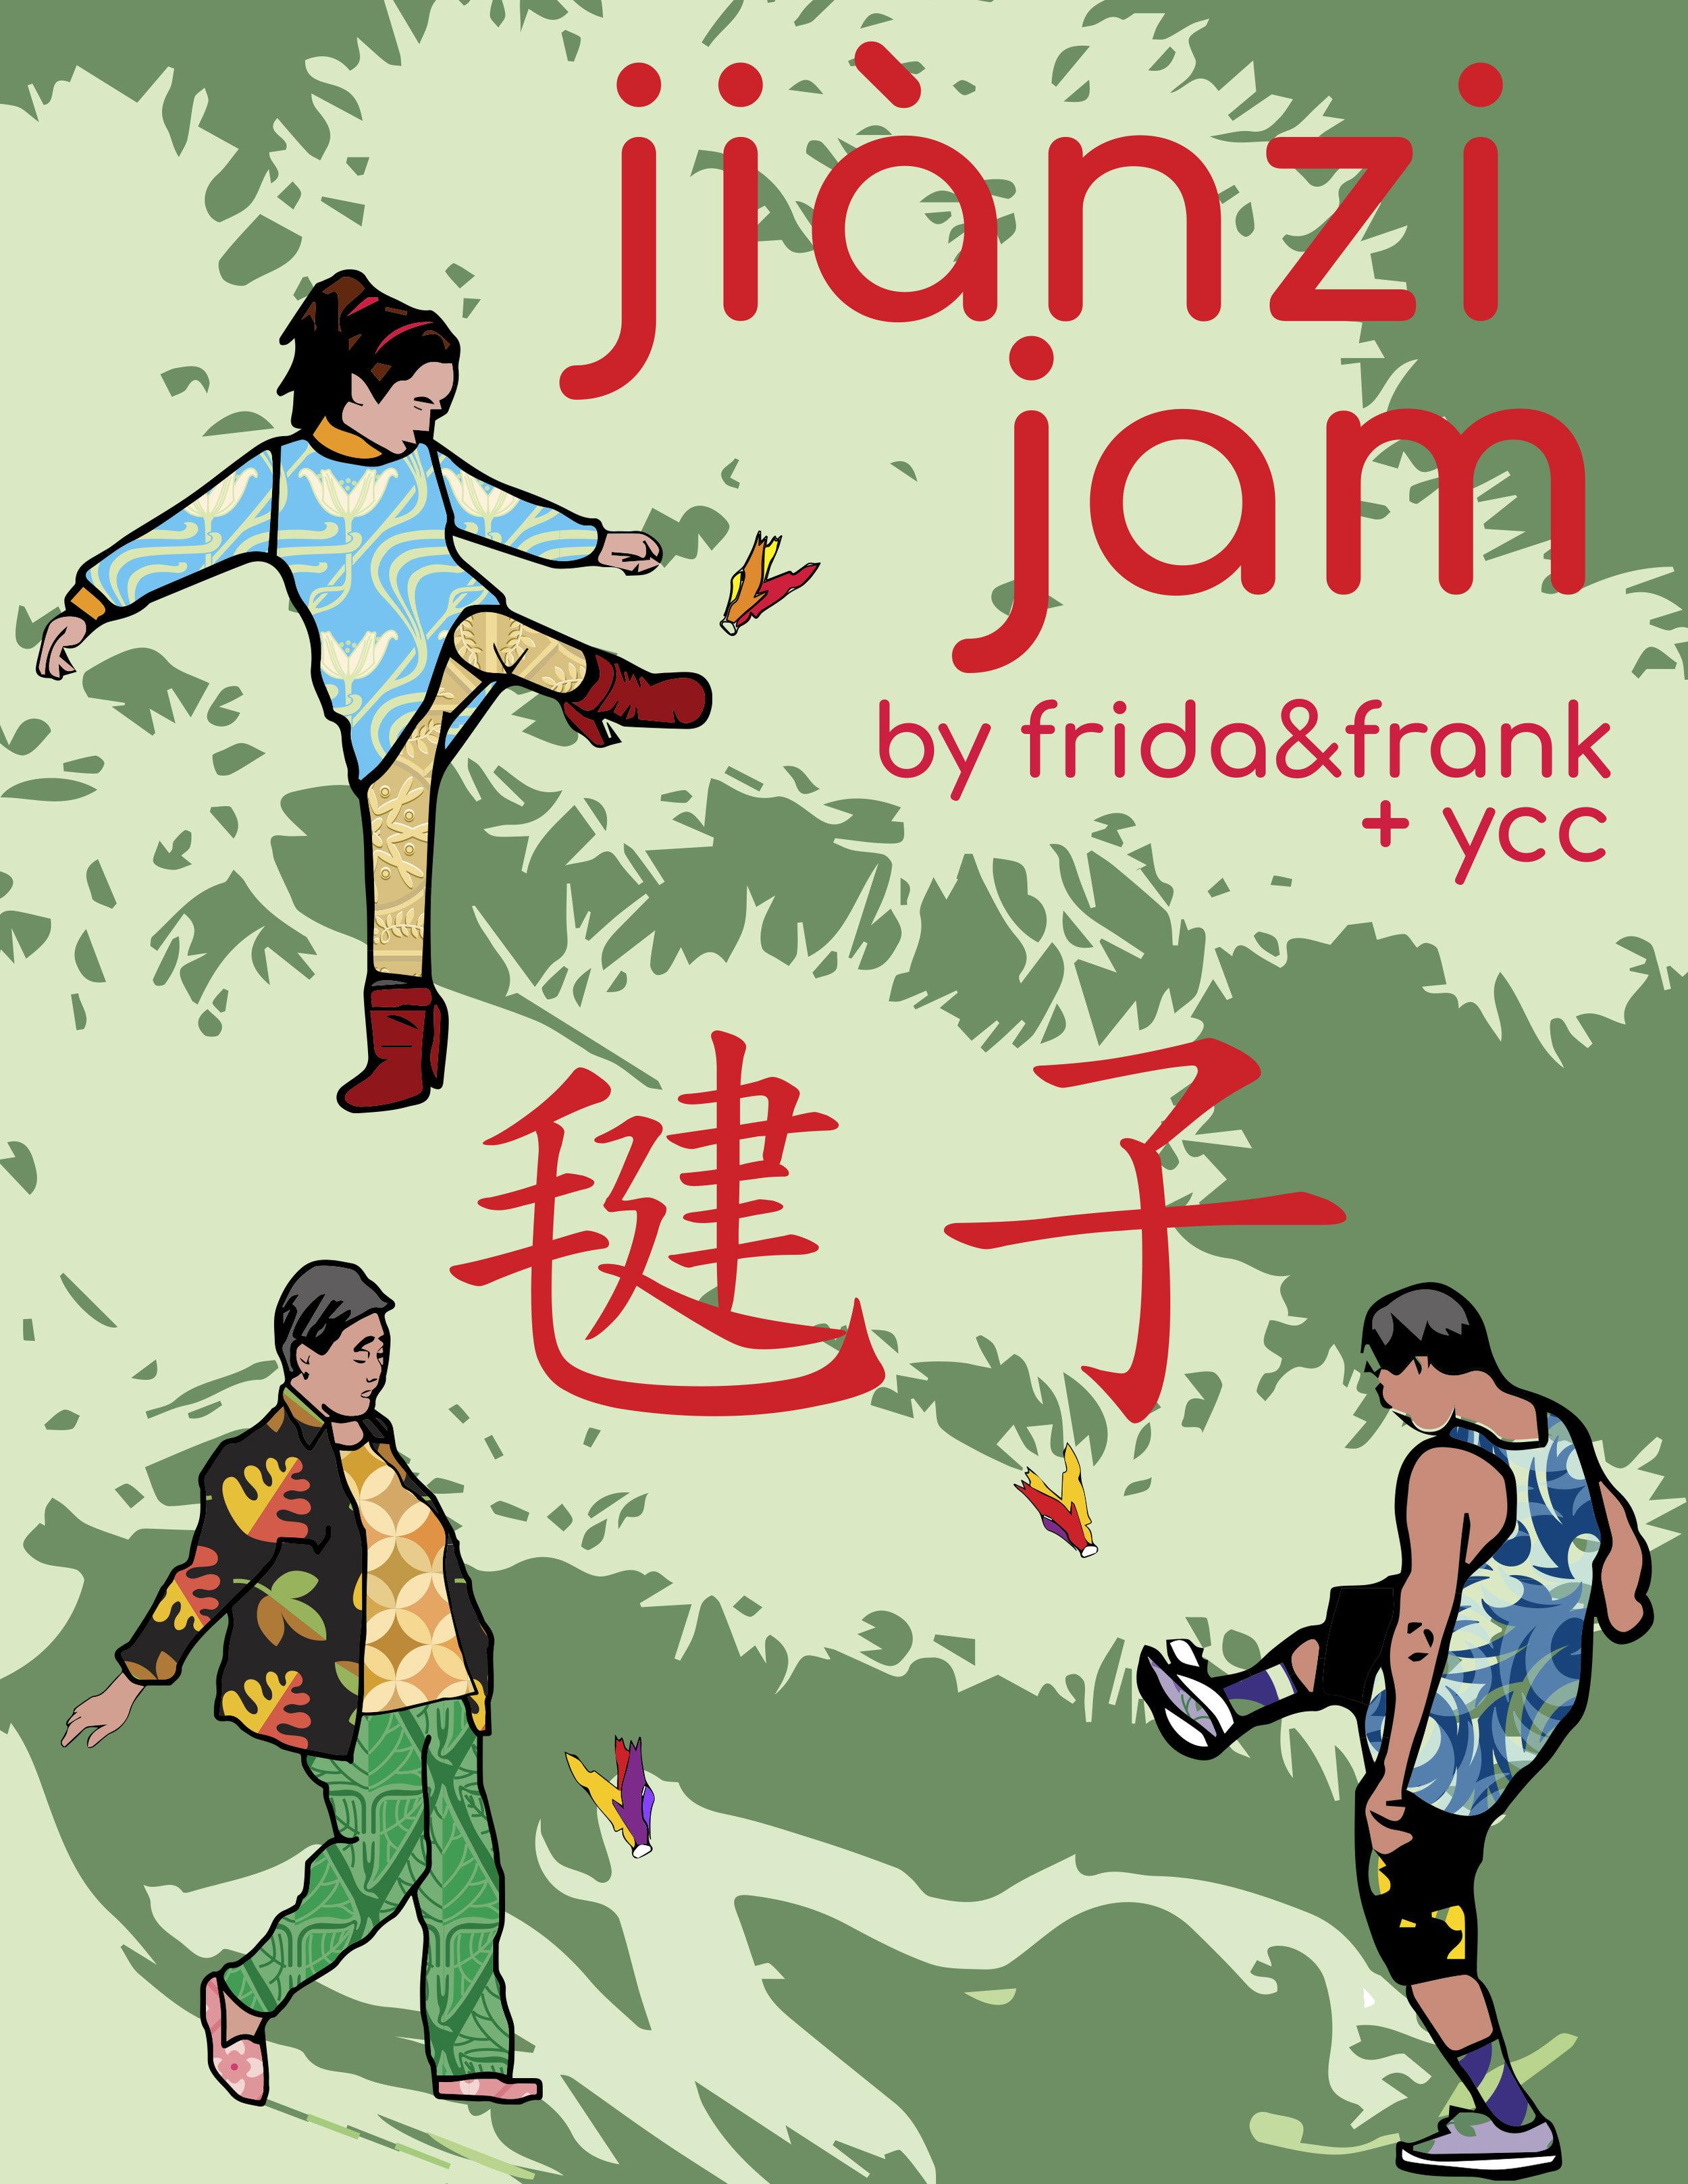 Jianzi Graphic-5